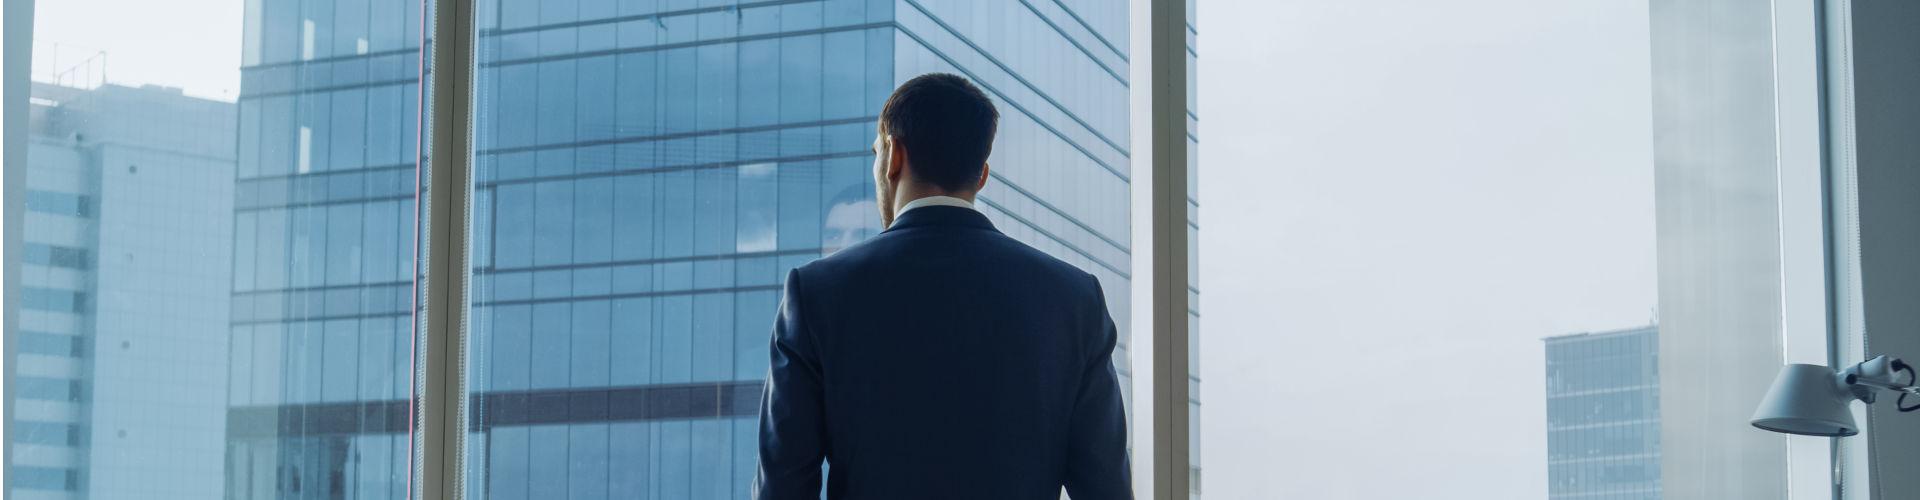 Wir bieten durch unserer Rechtsanwälte und Fachanwälte fundierte Expertise zum Thema Geschäftsführerhaftung.